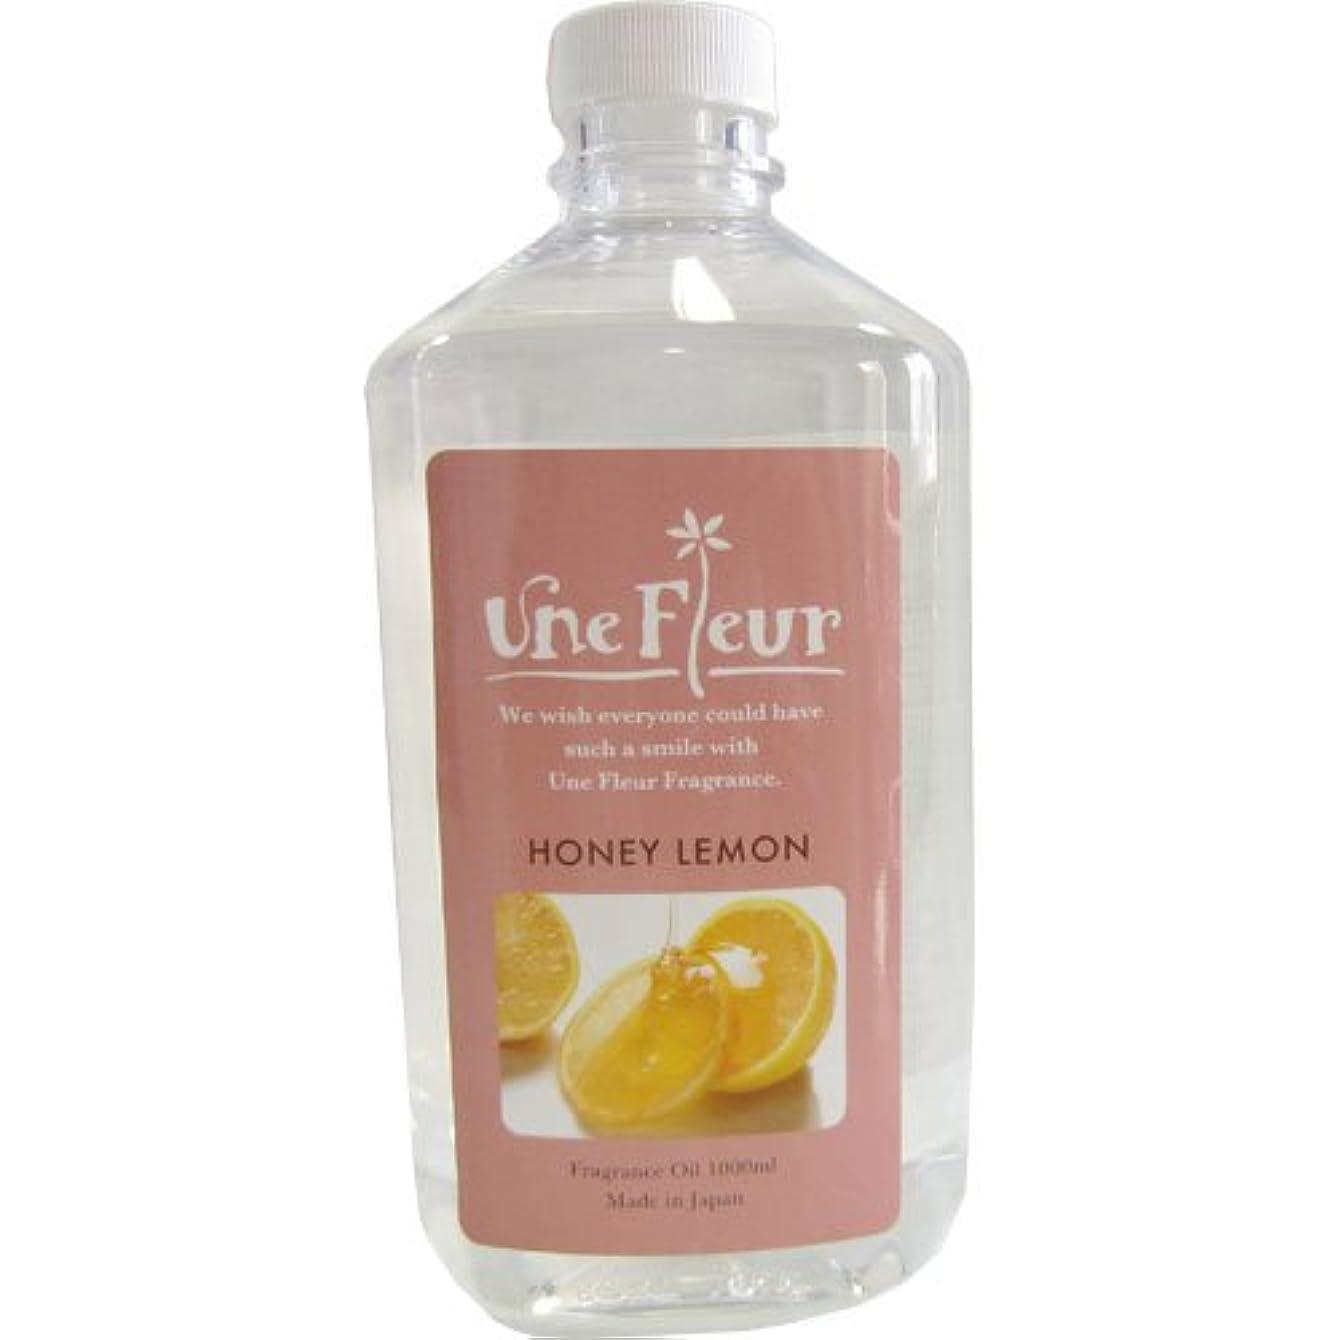 赤責め周囲UF UFフレグランスオイルハニーレモン 1L